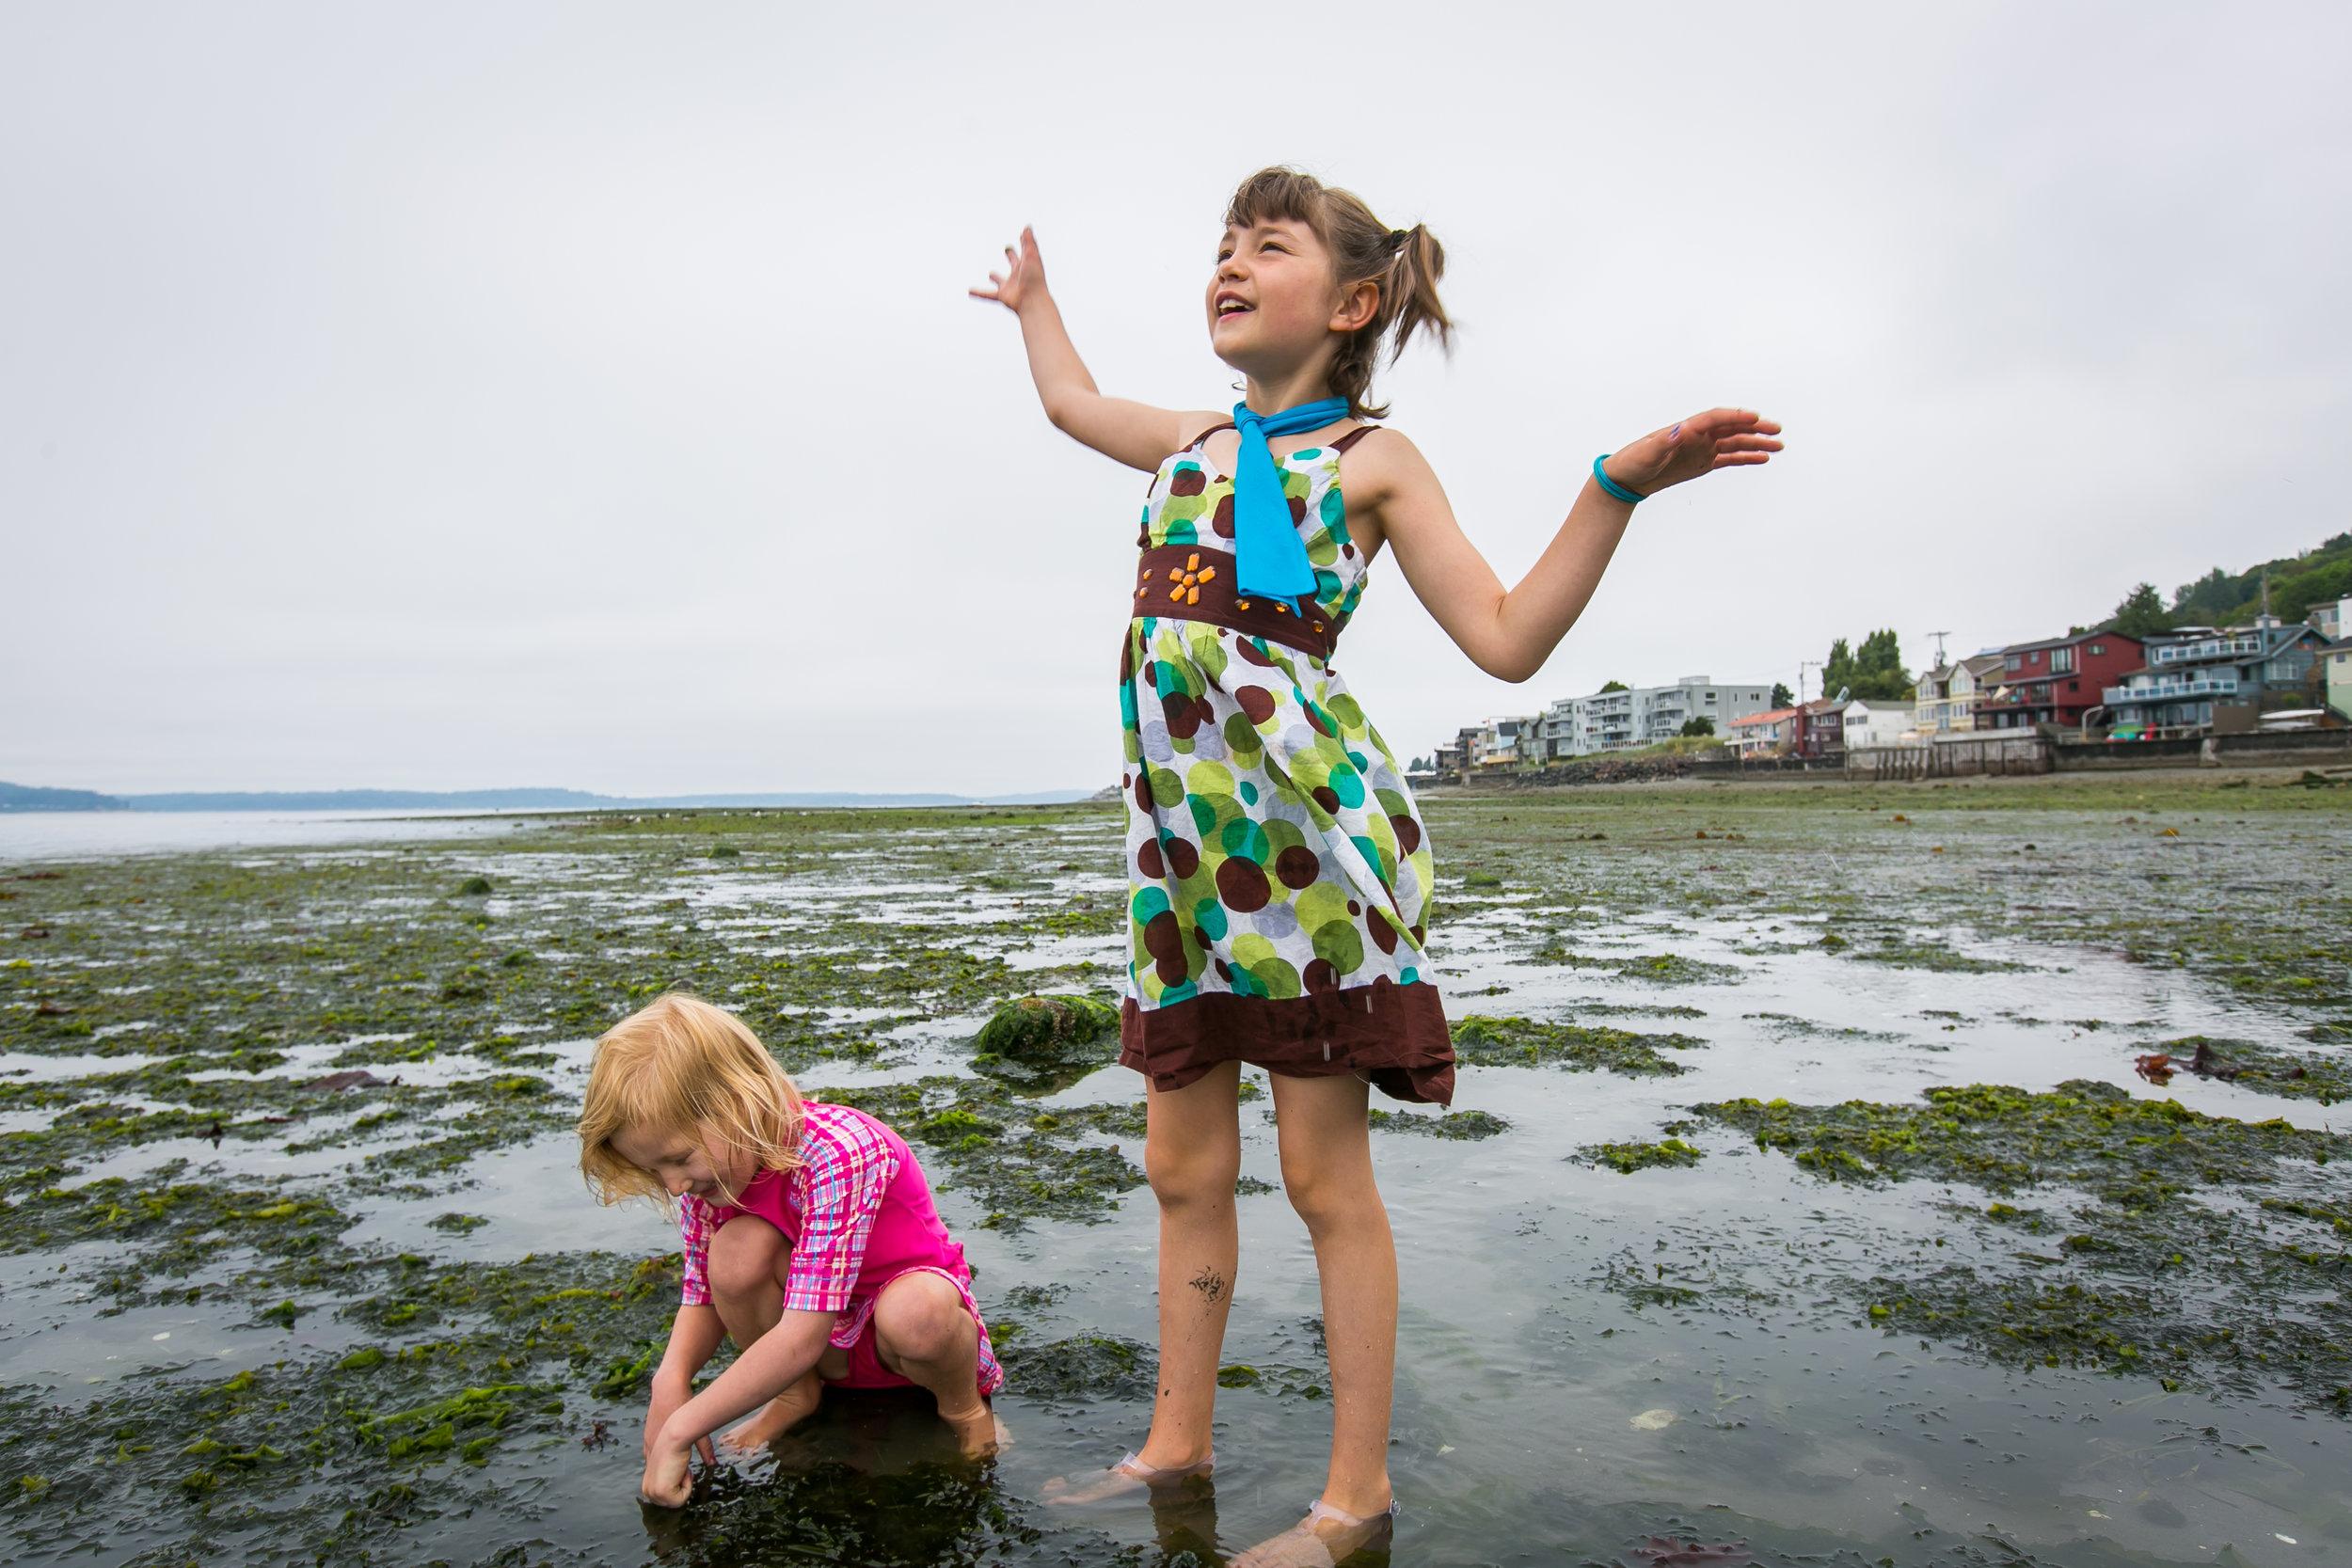 Children enjoy low tide on Alki Beach in West Seattle. Photo by Paul Joseph Brown.